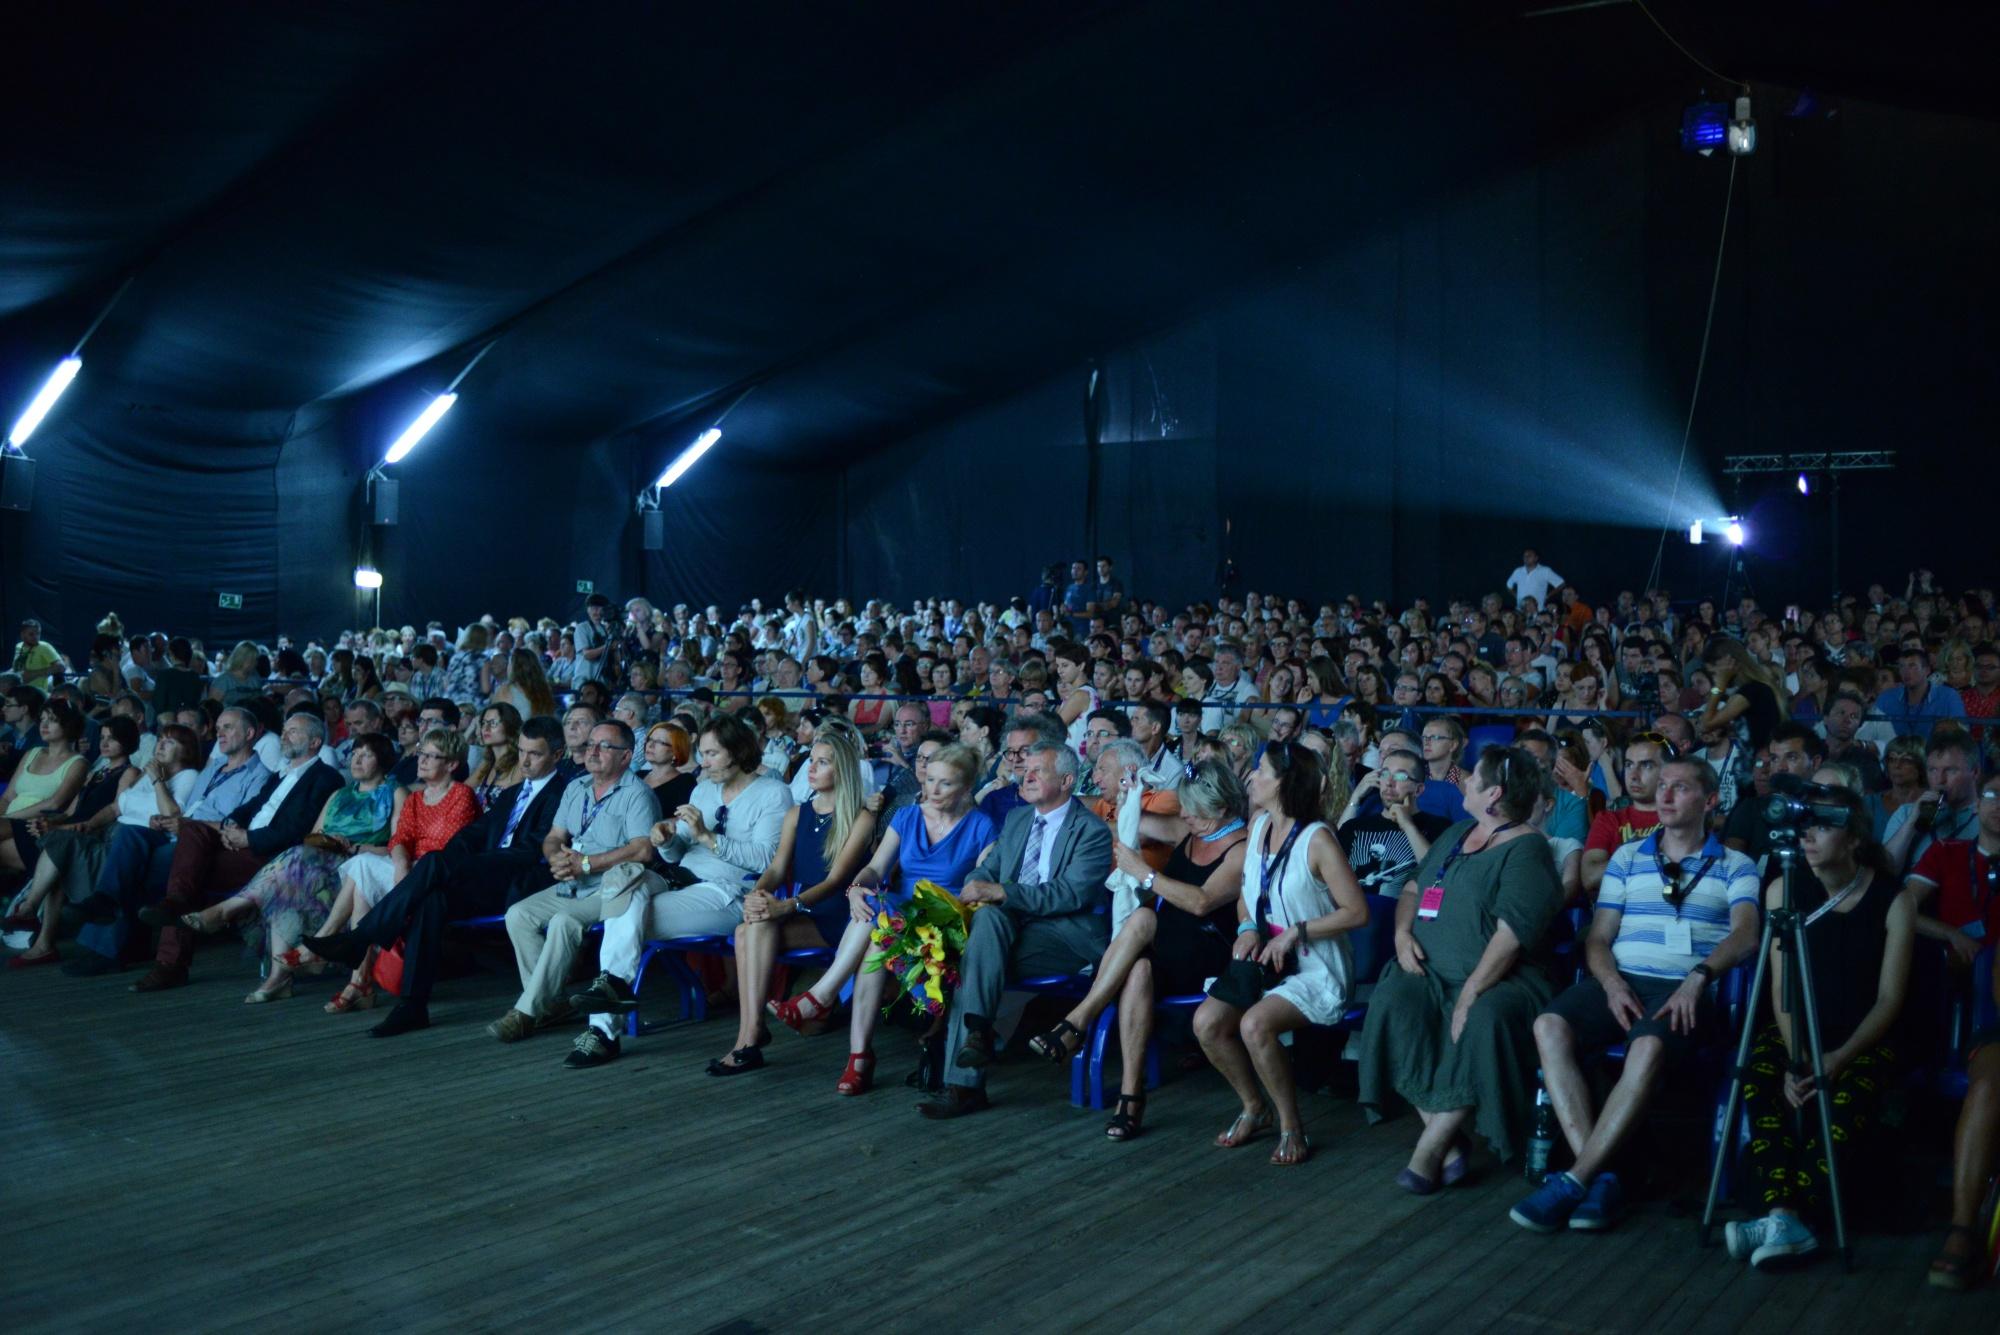 festiwal filmowy dwa brzegi w kazimierzu dolnym